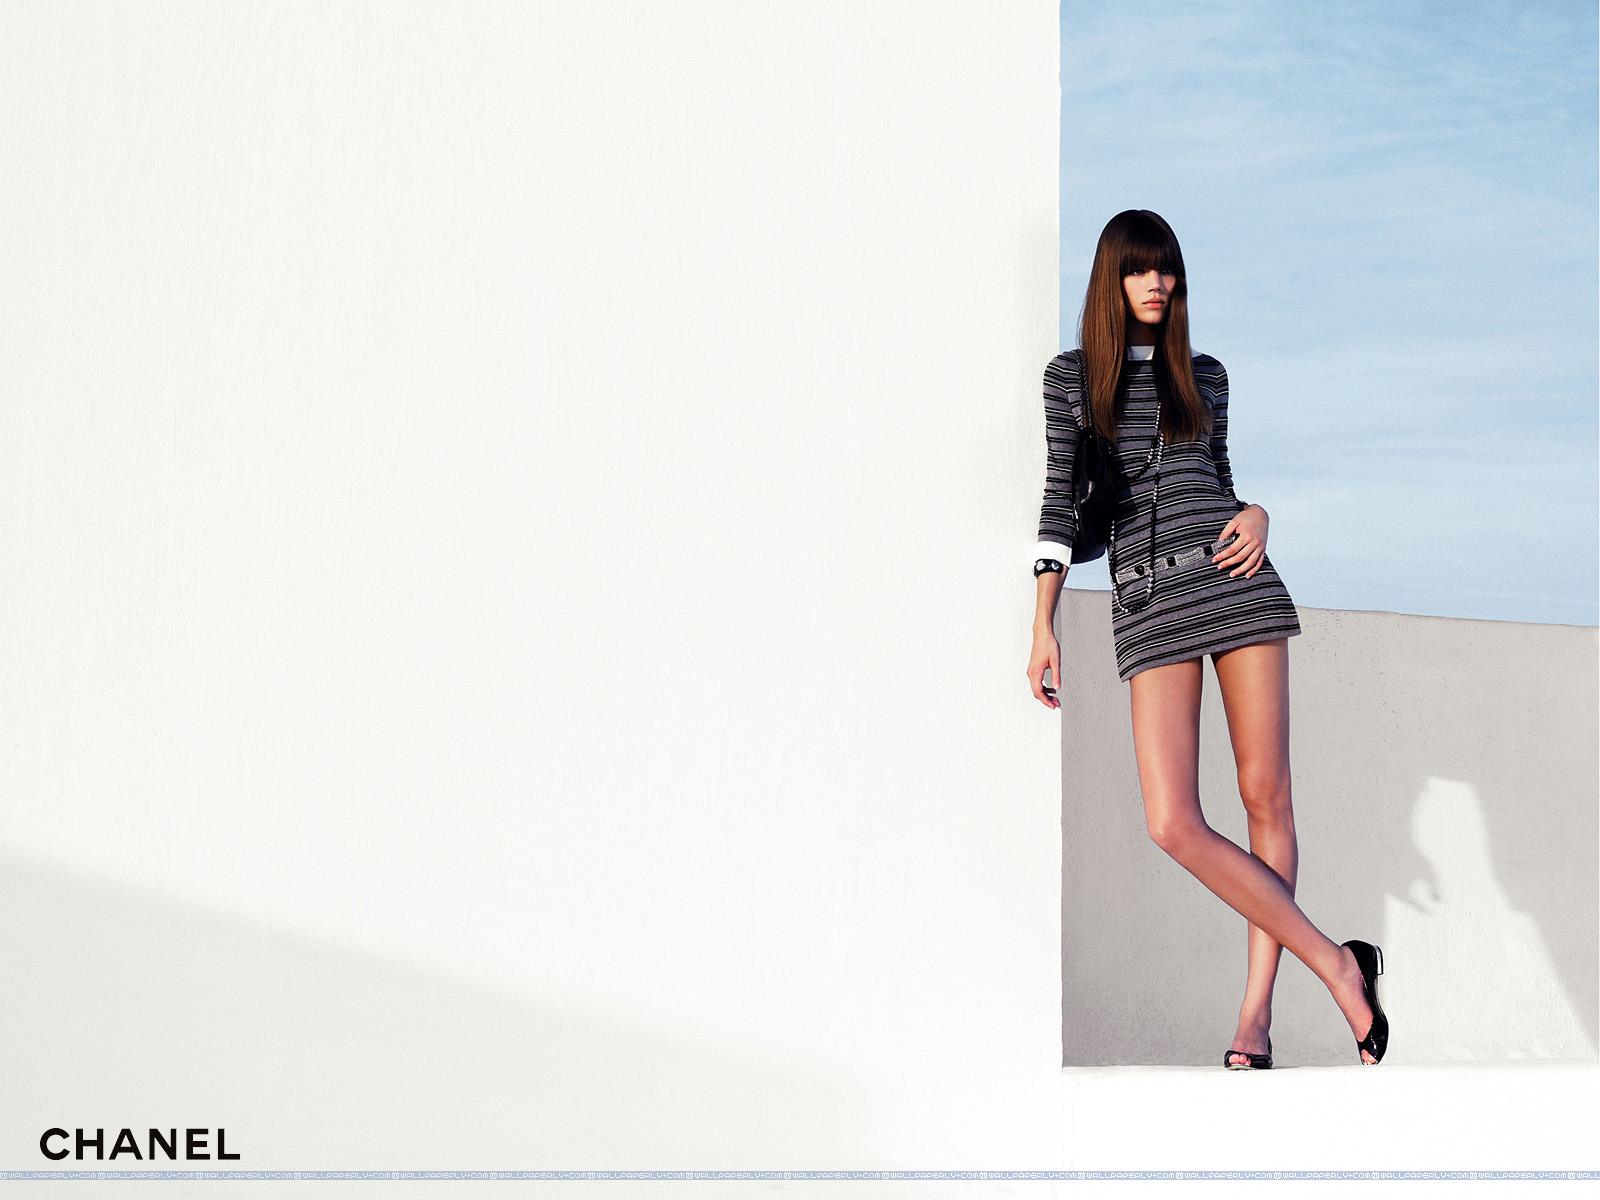 Fashion Wallpaper Chanel wallpaper wallpaper hd background desktop 1600x1200